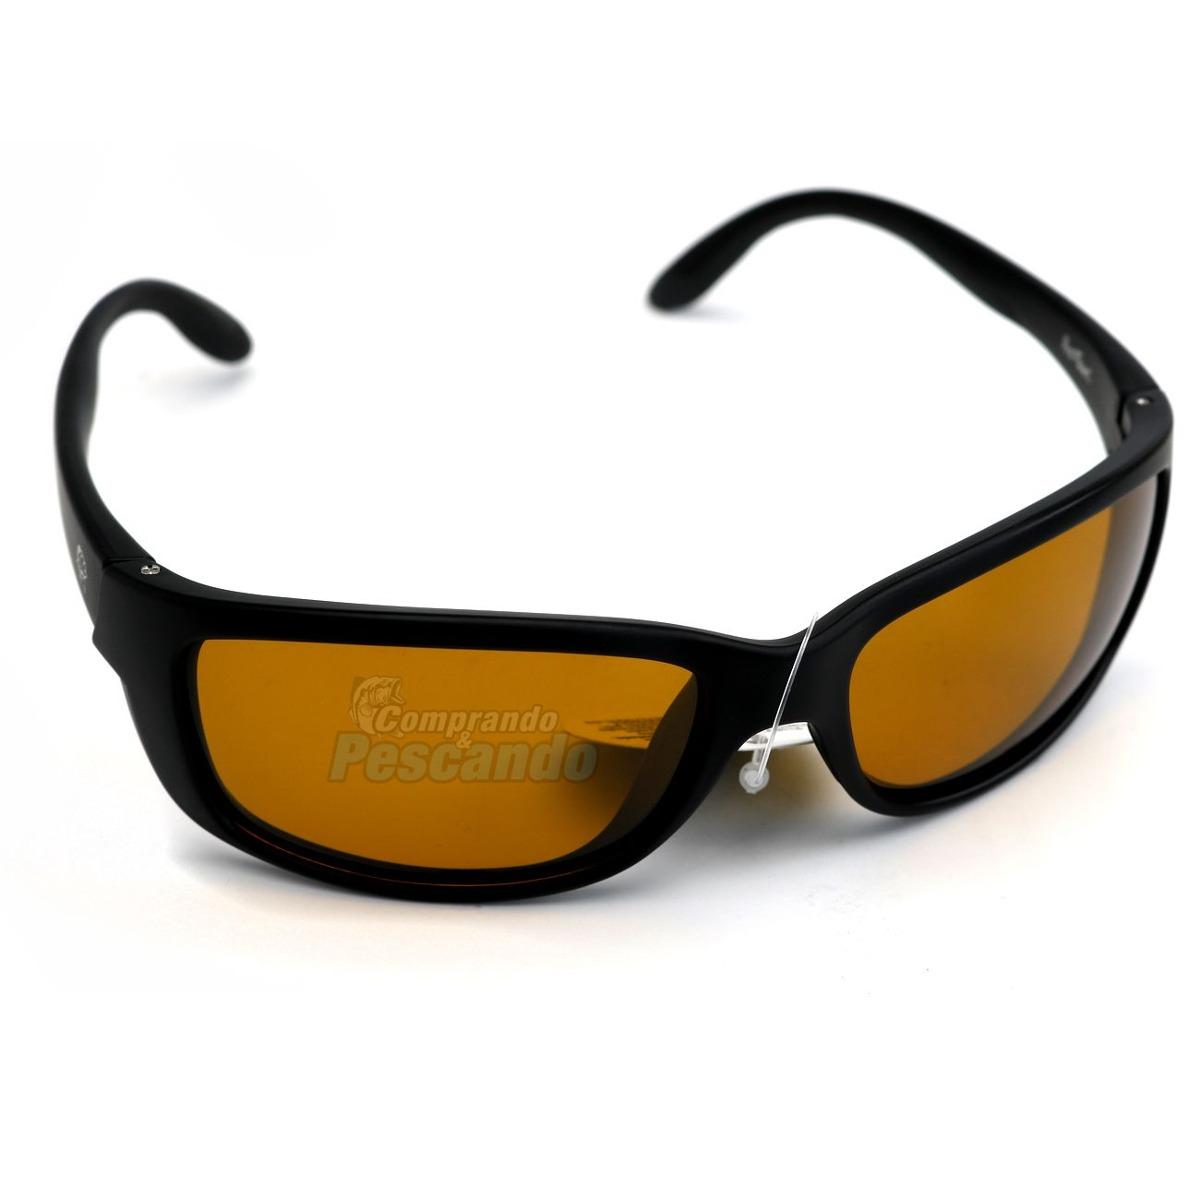 ab7263e886b87 Óculos Polarizado Mako Pro-tsuri 10p0029 Lente Âmbar - R  108,89 em ...